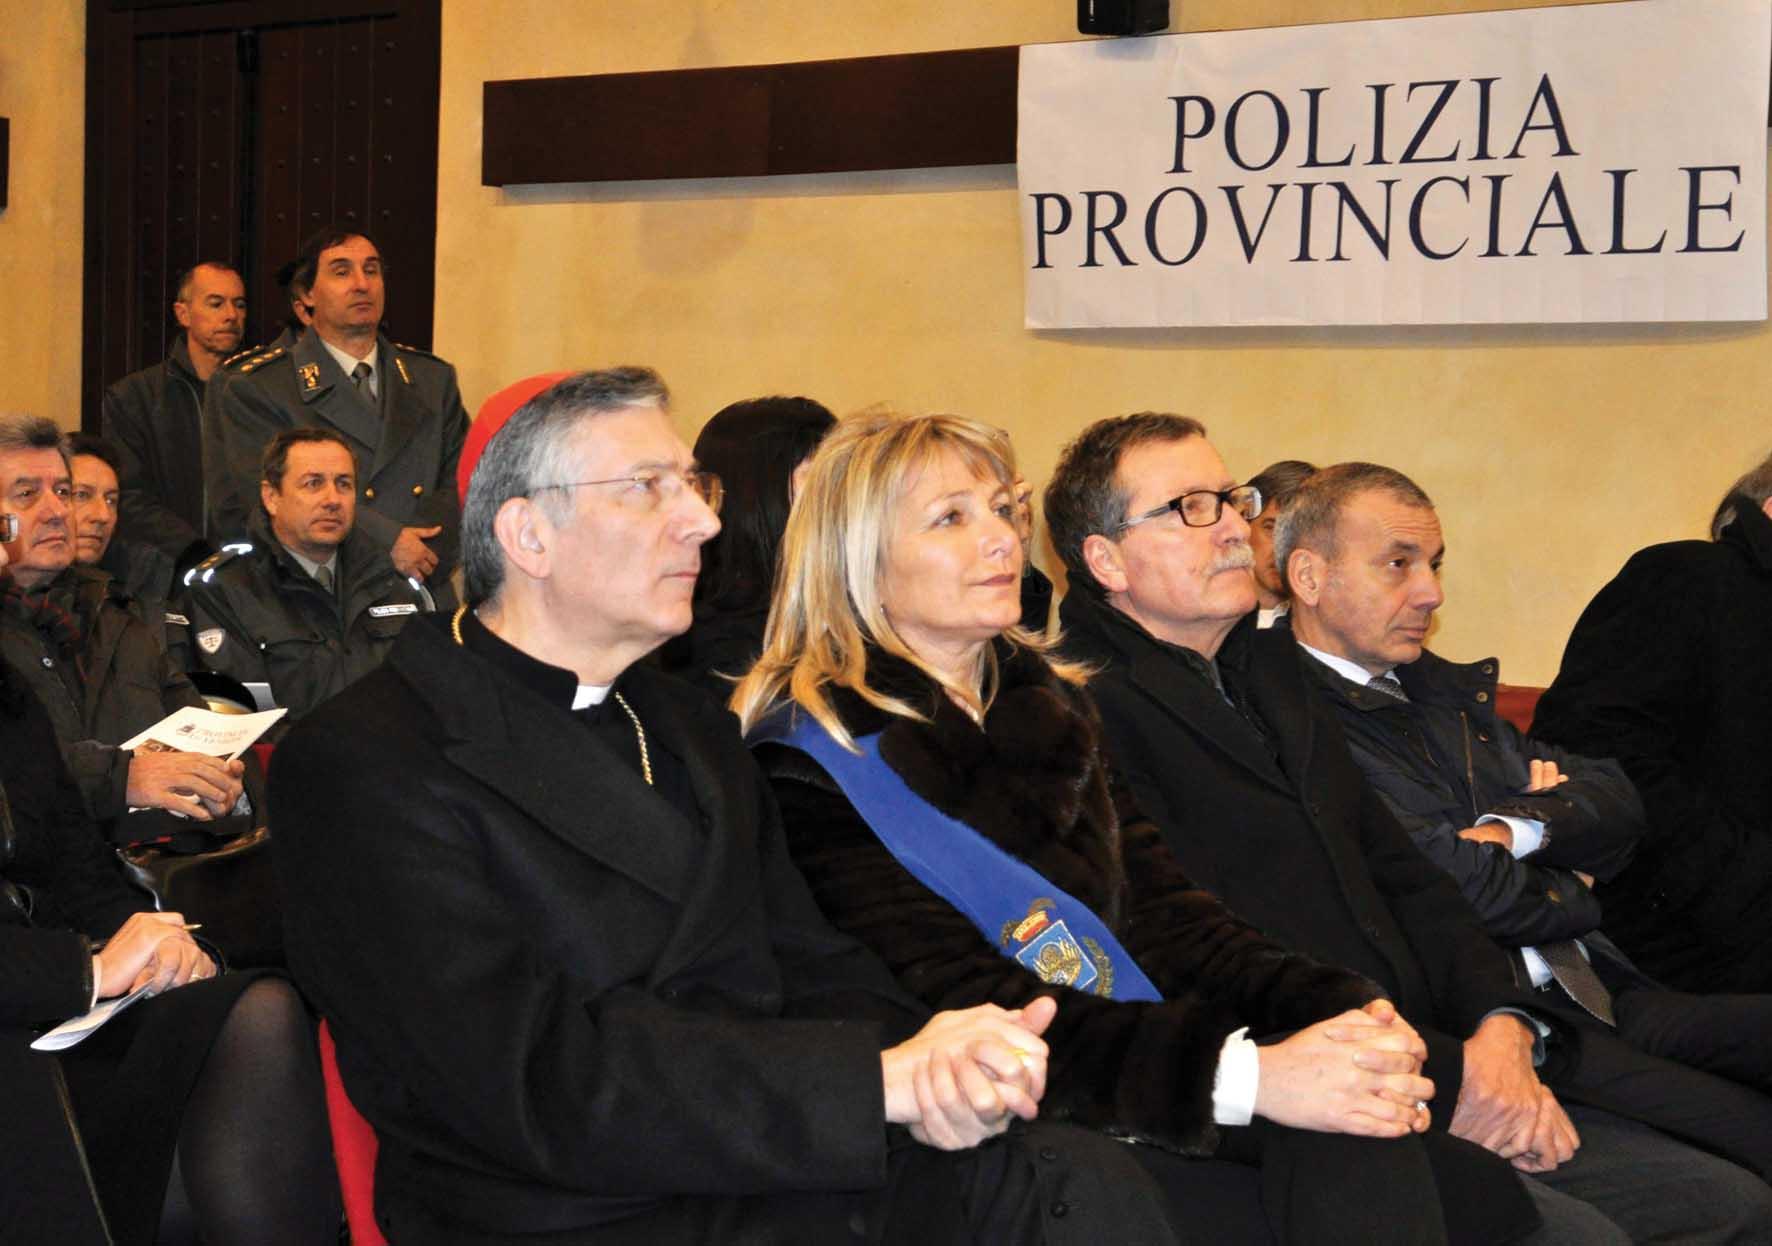 Zaccariotto Patriarca Moraglia festa polizia provinciale 1